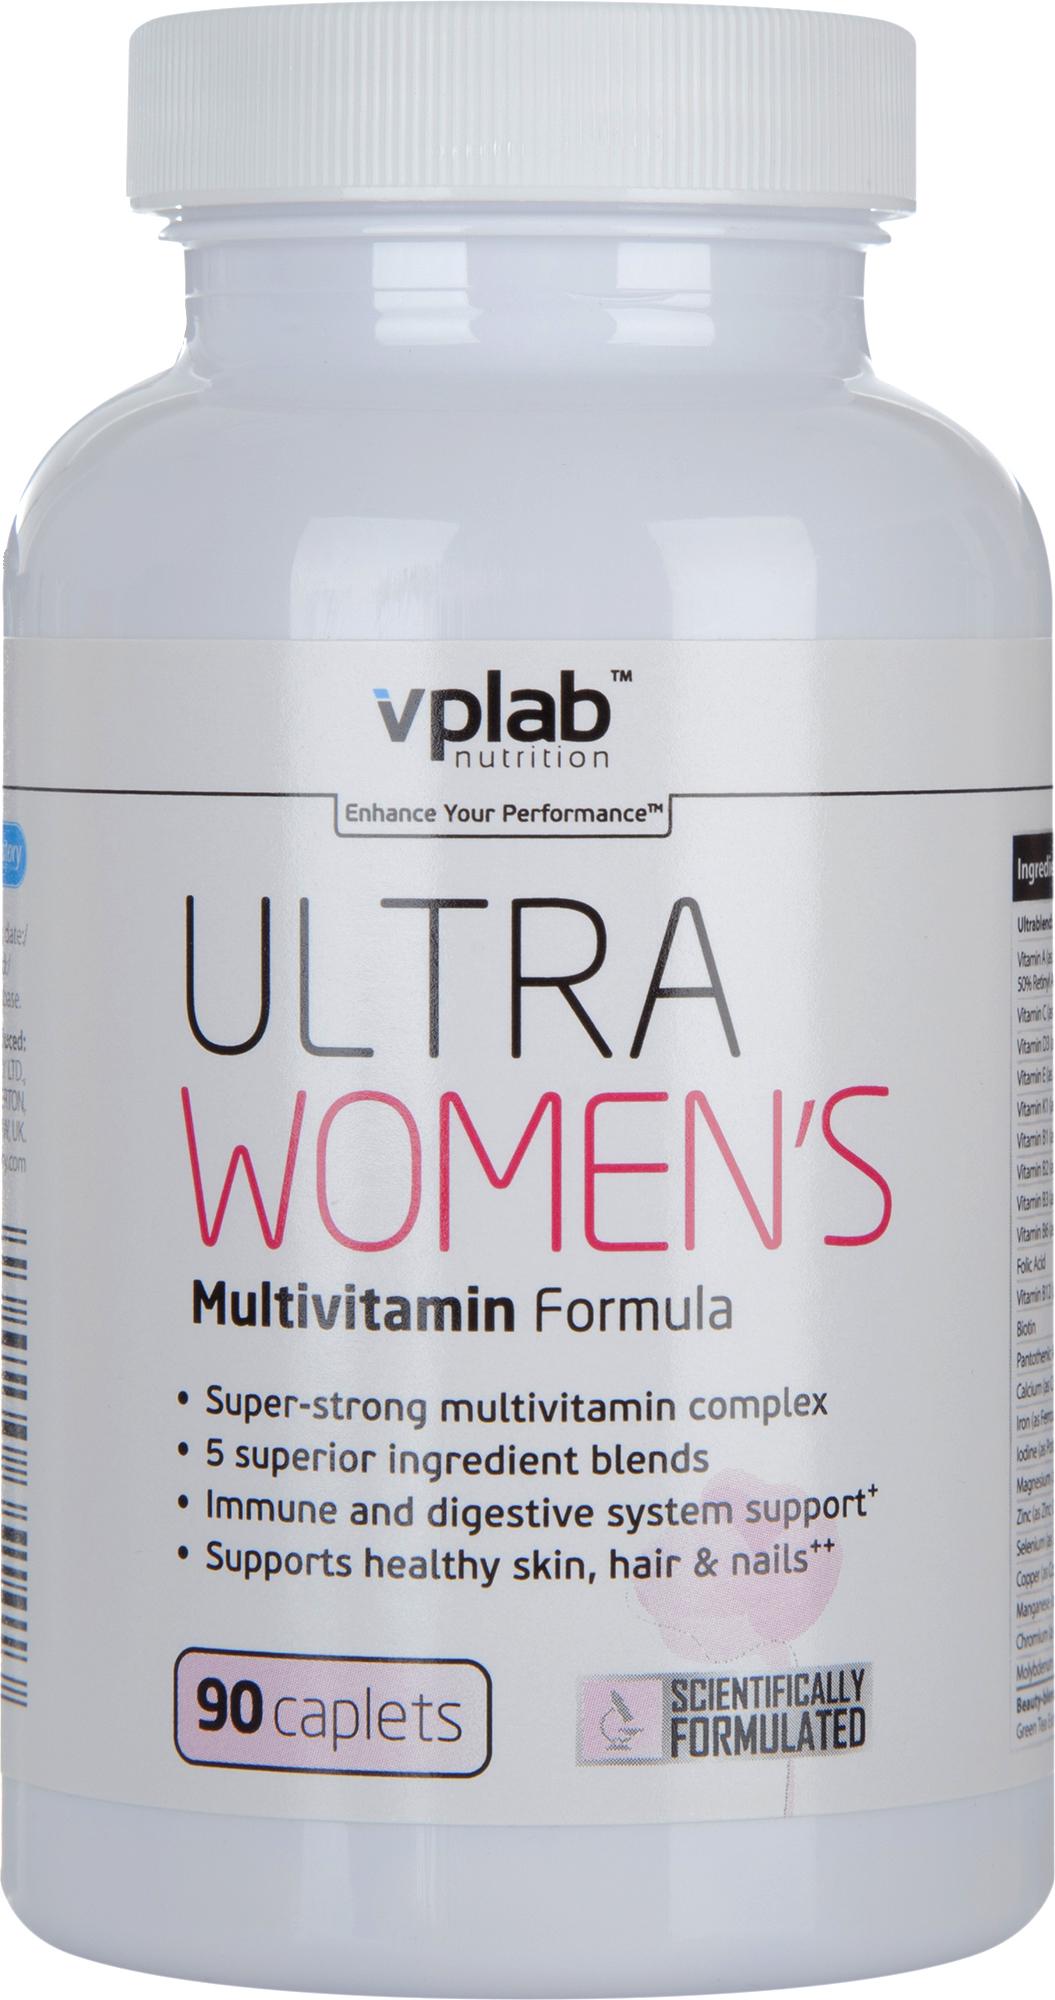 Vplab nutrition Женский спортивный витаминно-минеральный комплекс